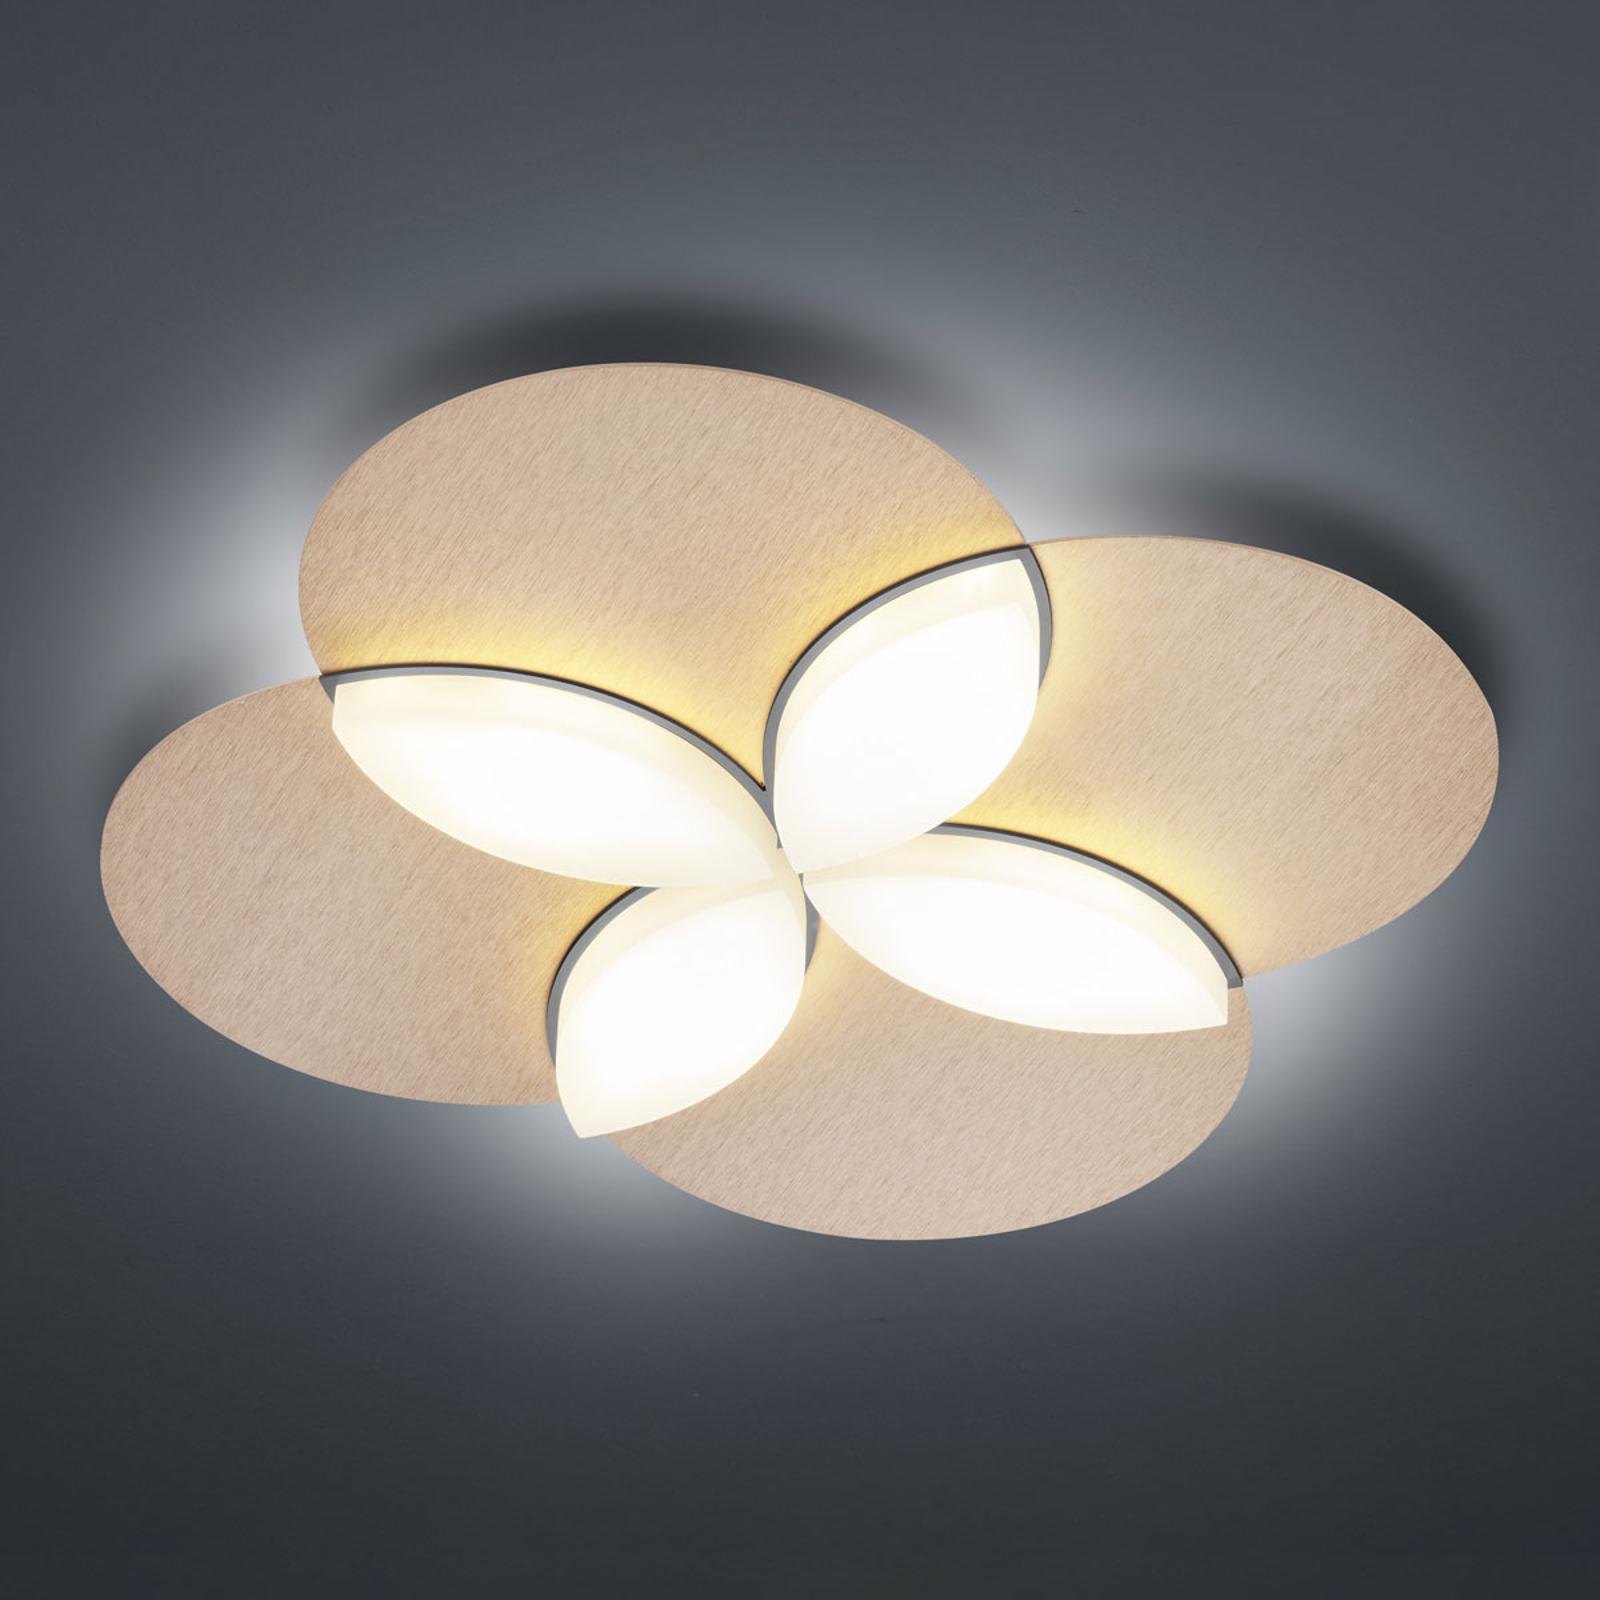 BANKAMP Spring LED-Deckenleuchte, roségold